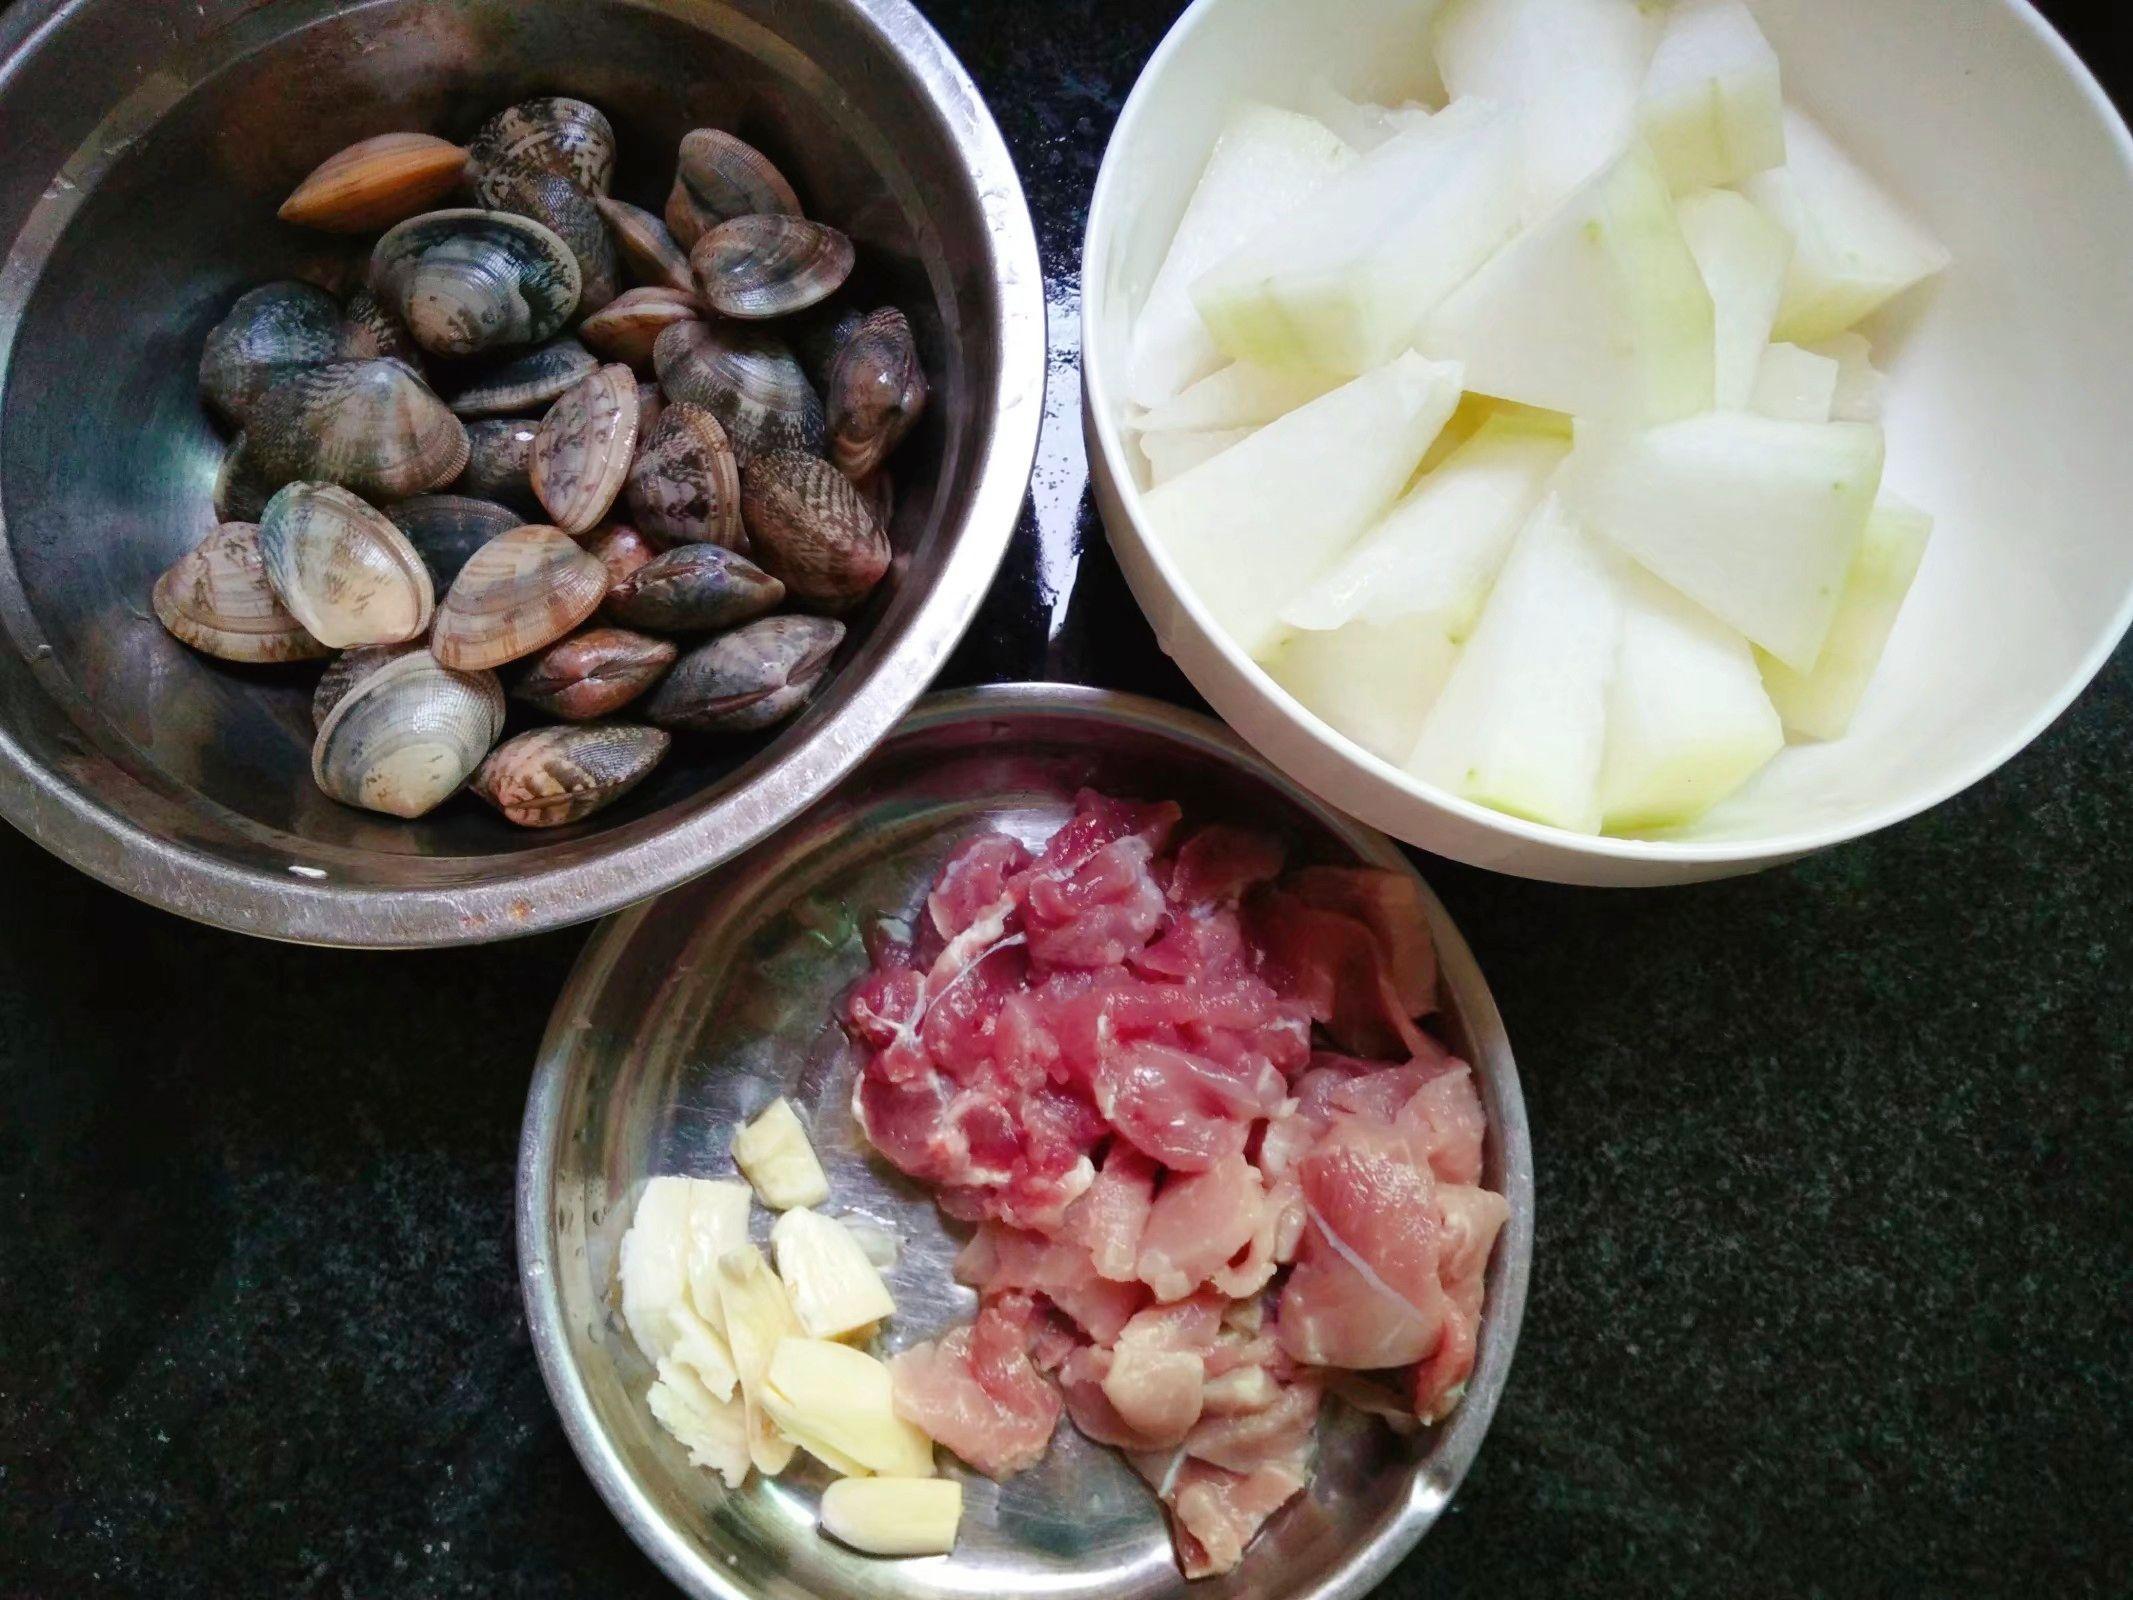 冬瓜花蛤肉片汤的做法图解